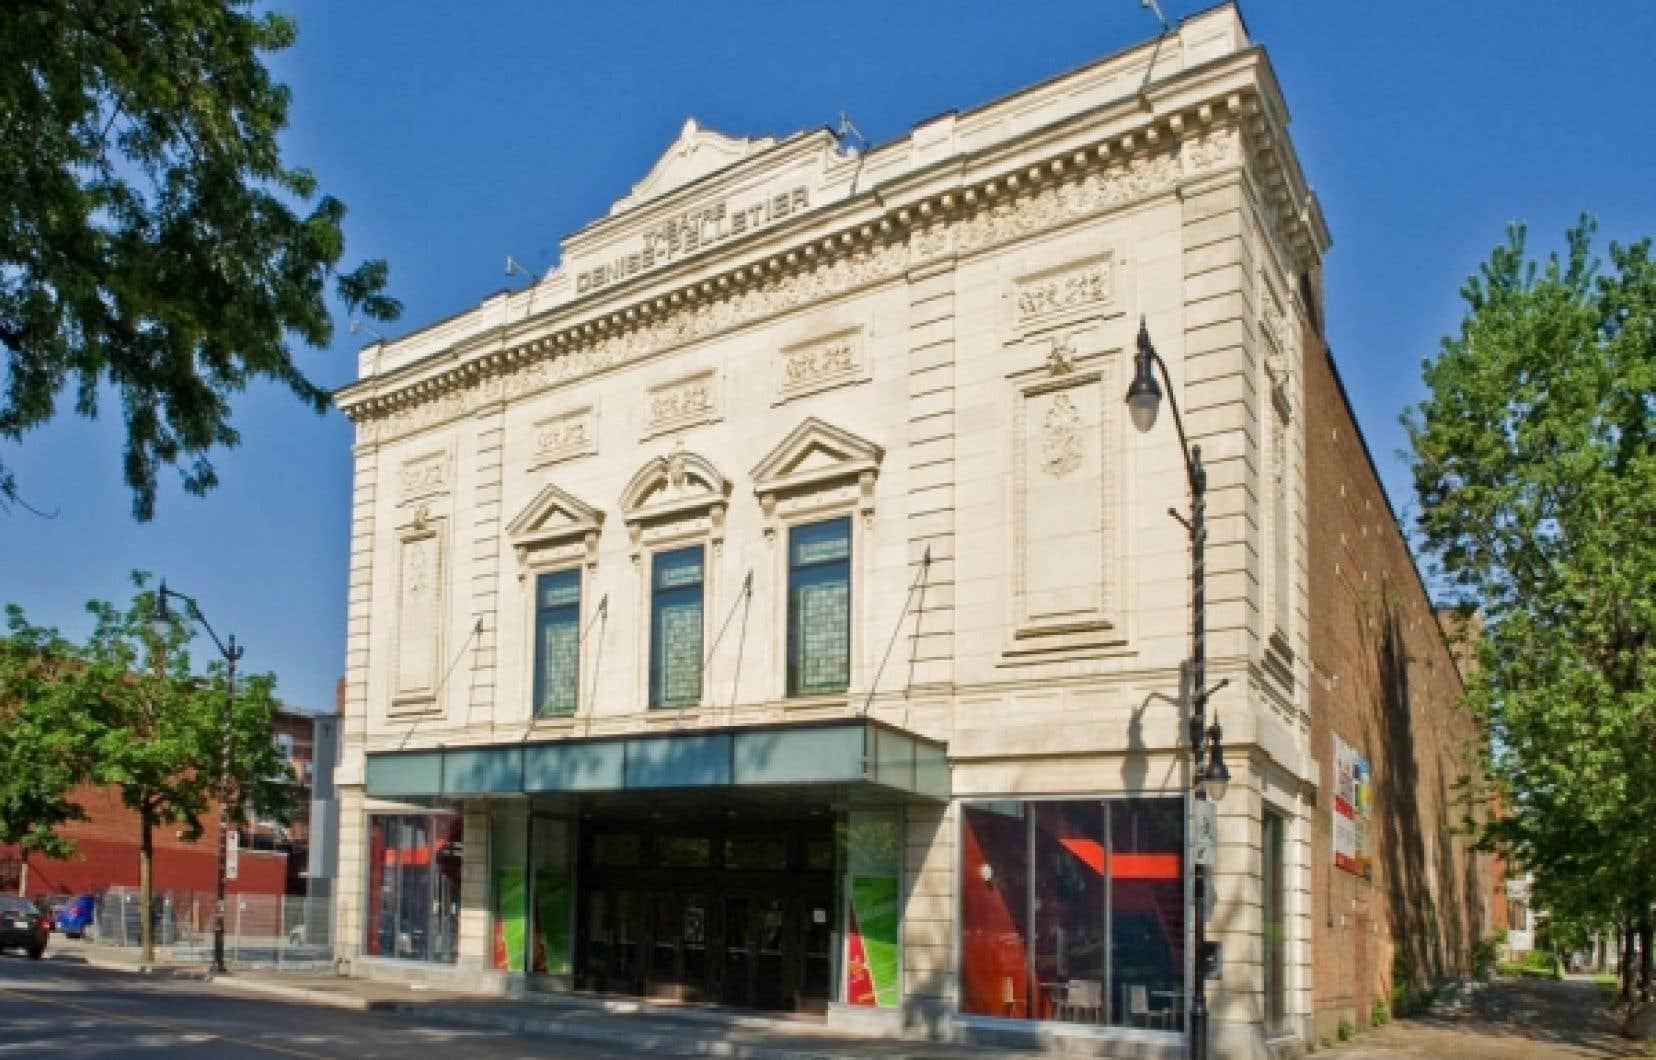 Le Prix du patrimoine de la Chambre immobilière du Grand Montréal 2010 est remis à la Corporation théâtre Denise-Pelletier et à la firme Saia Barbarese Topouzanov, architectes pour la restauration de l'édifice, l'ancien théâtre Granada construit en 1928 selon les plans de l'architecte Emmanuel-Arthur Doucet et du célèbre décorateur Emmanuel Briffa.